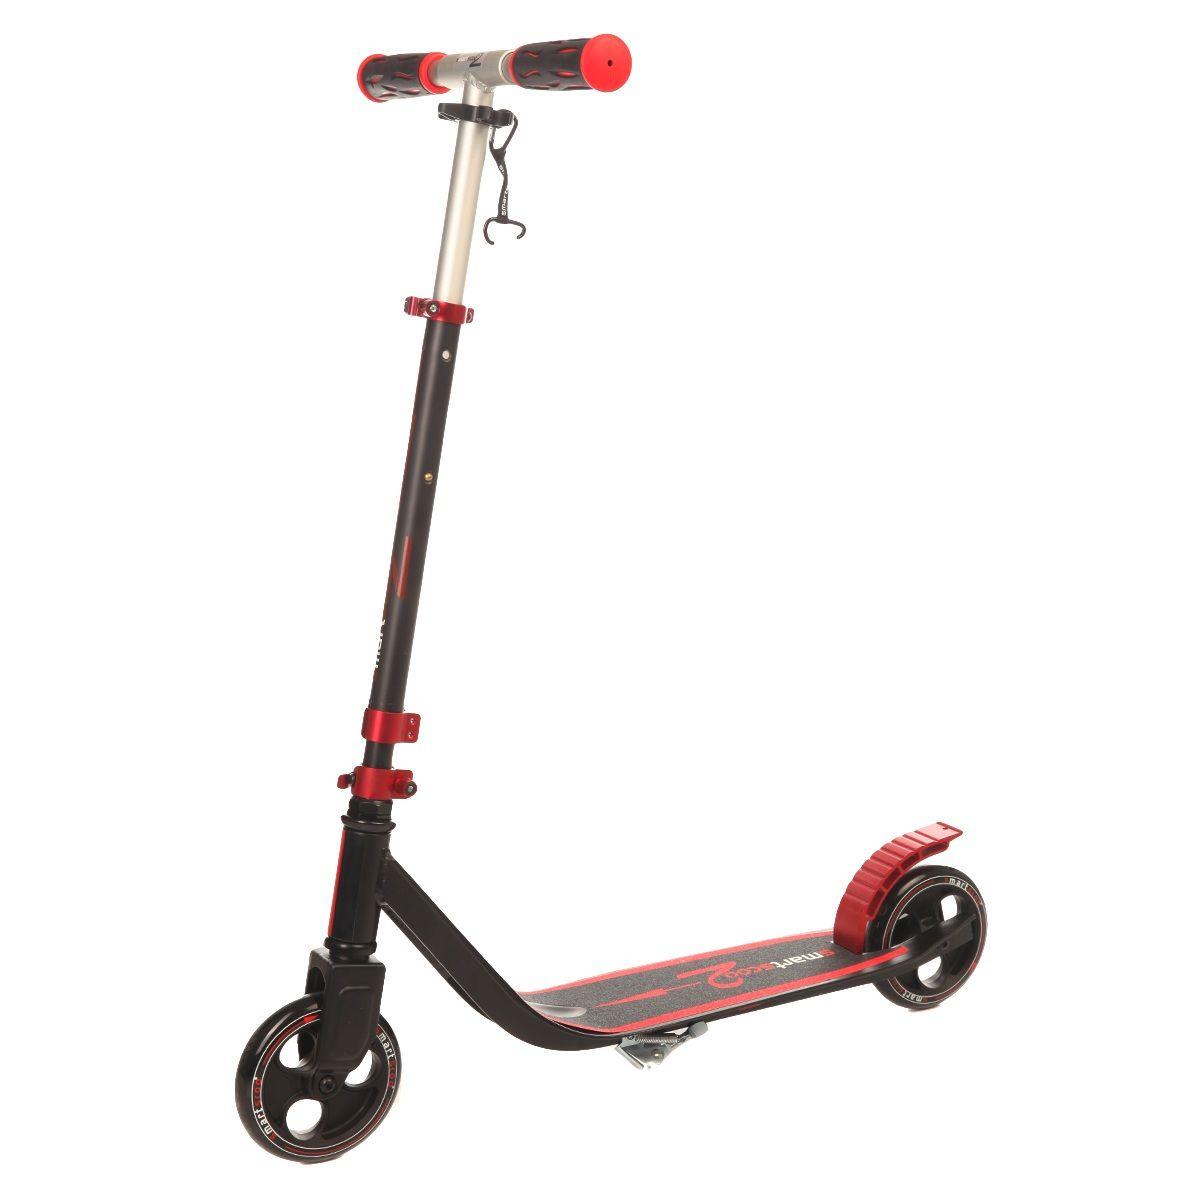 Самокат Fun4u Smartscoo, цвет: красный, черныйWRA523700Складывающийся самокат для детей и взрослых. Колеса: 145 мм, цветные Подшипники: abec 5Алюминий с защитно-декоративным оксидным покрытием Максимальная нагрузка - 100 кгУдобная раскладывающаяся системаВес- 3,4 кг